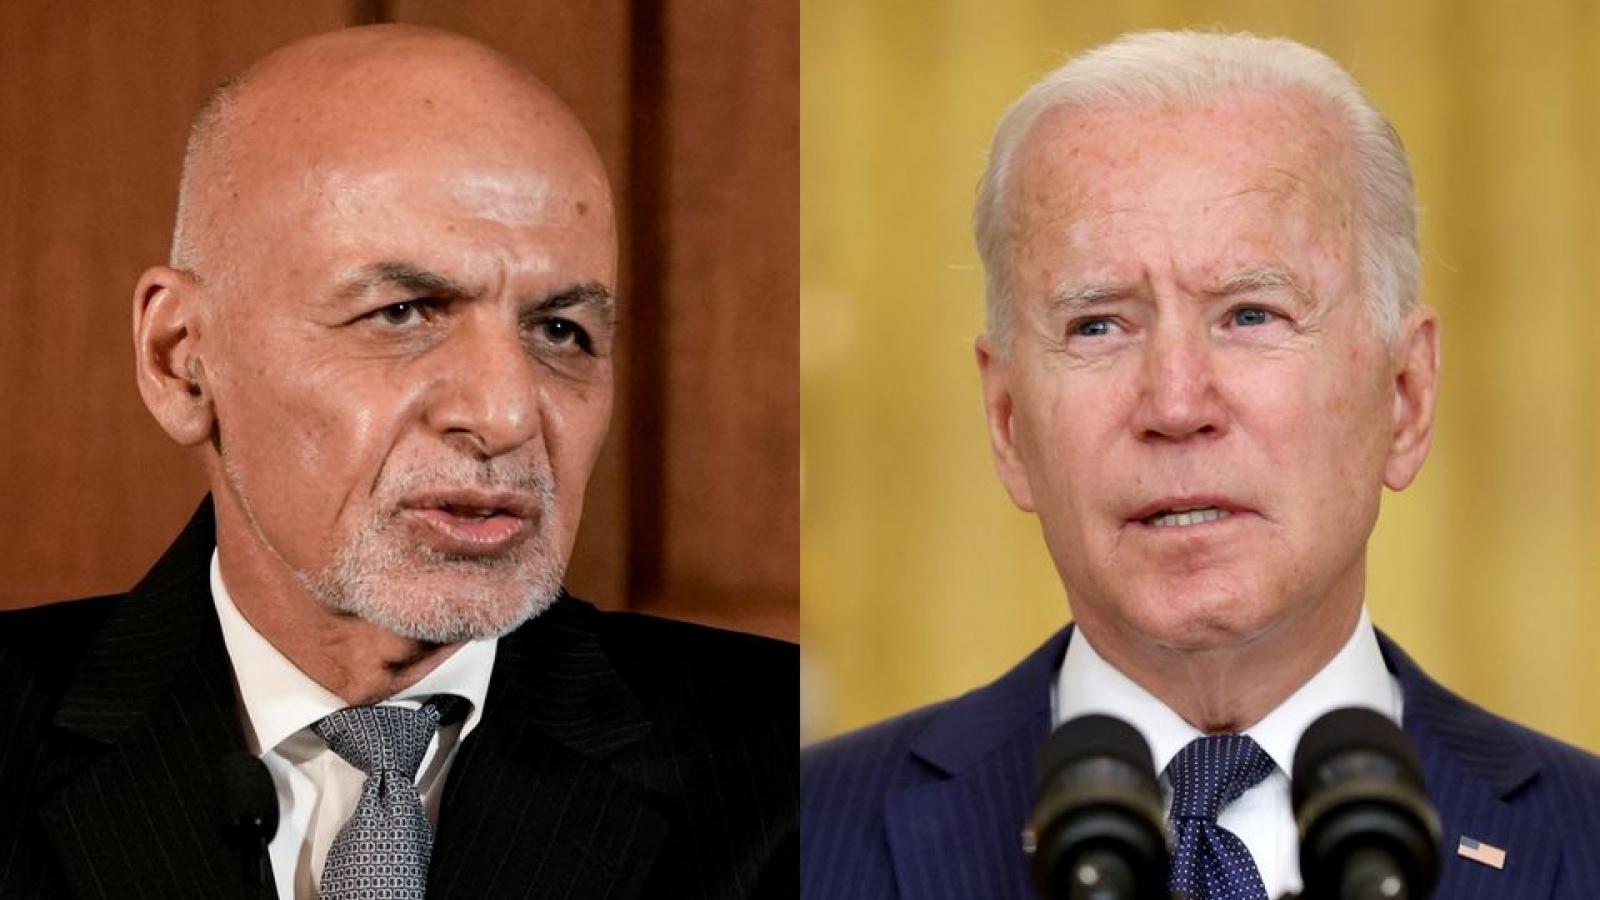 Tiết lộ về cuộc gọi cuối cùng của Tổng thống Biden với Tổng thống Ghani